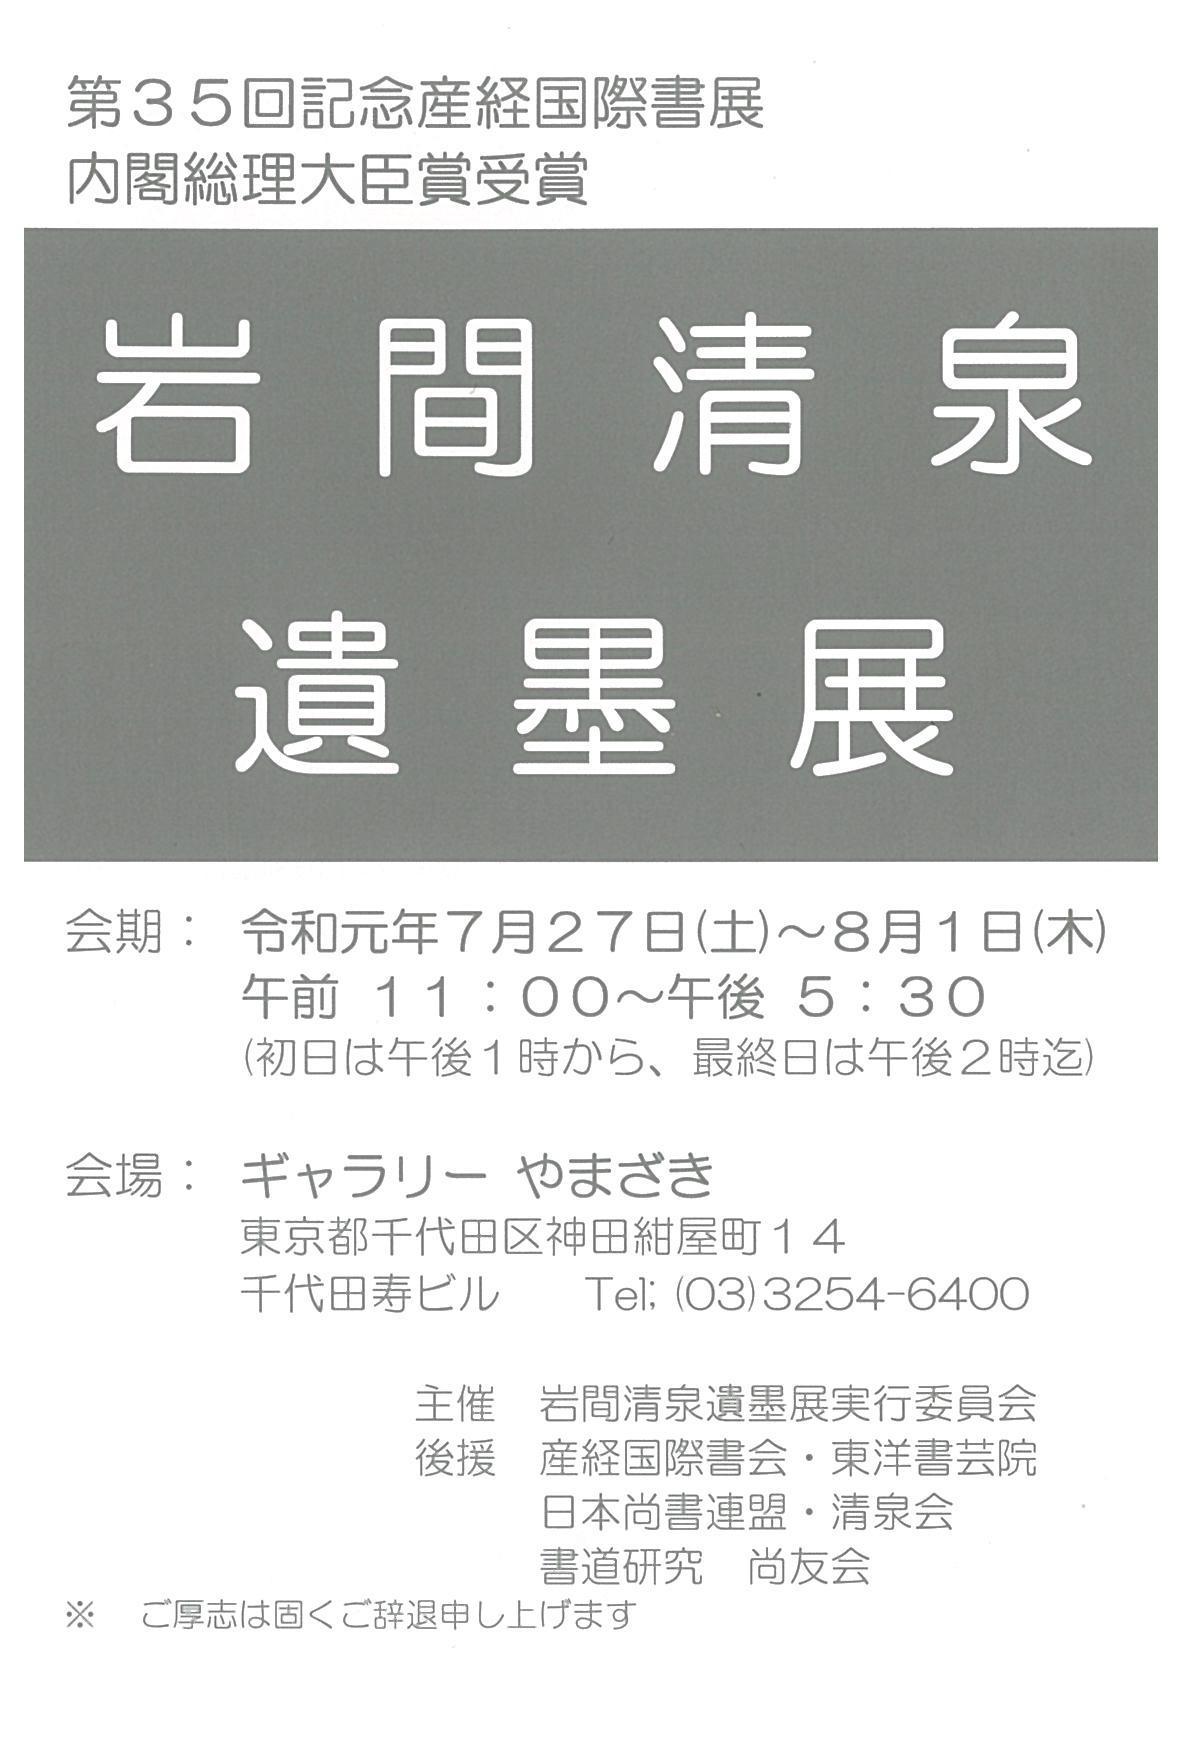 20190614_tenji01.jpg